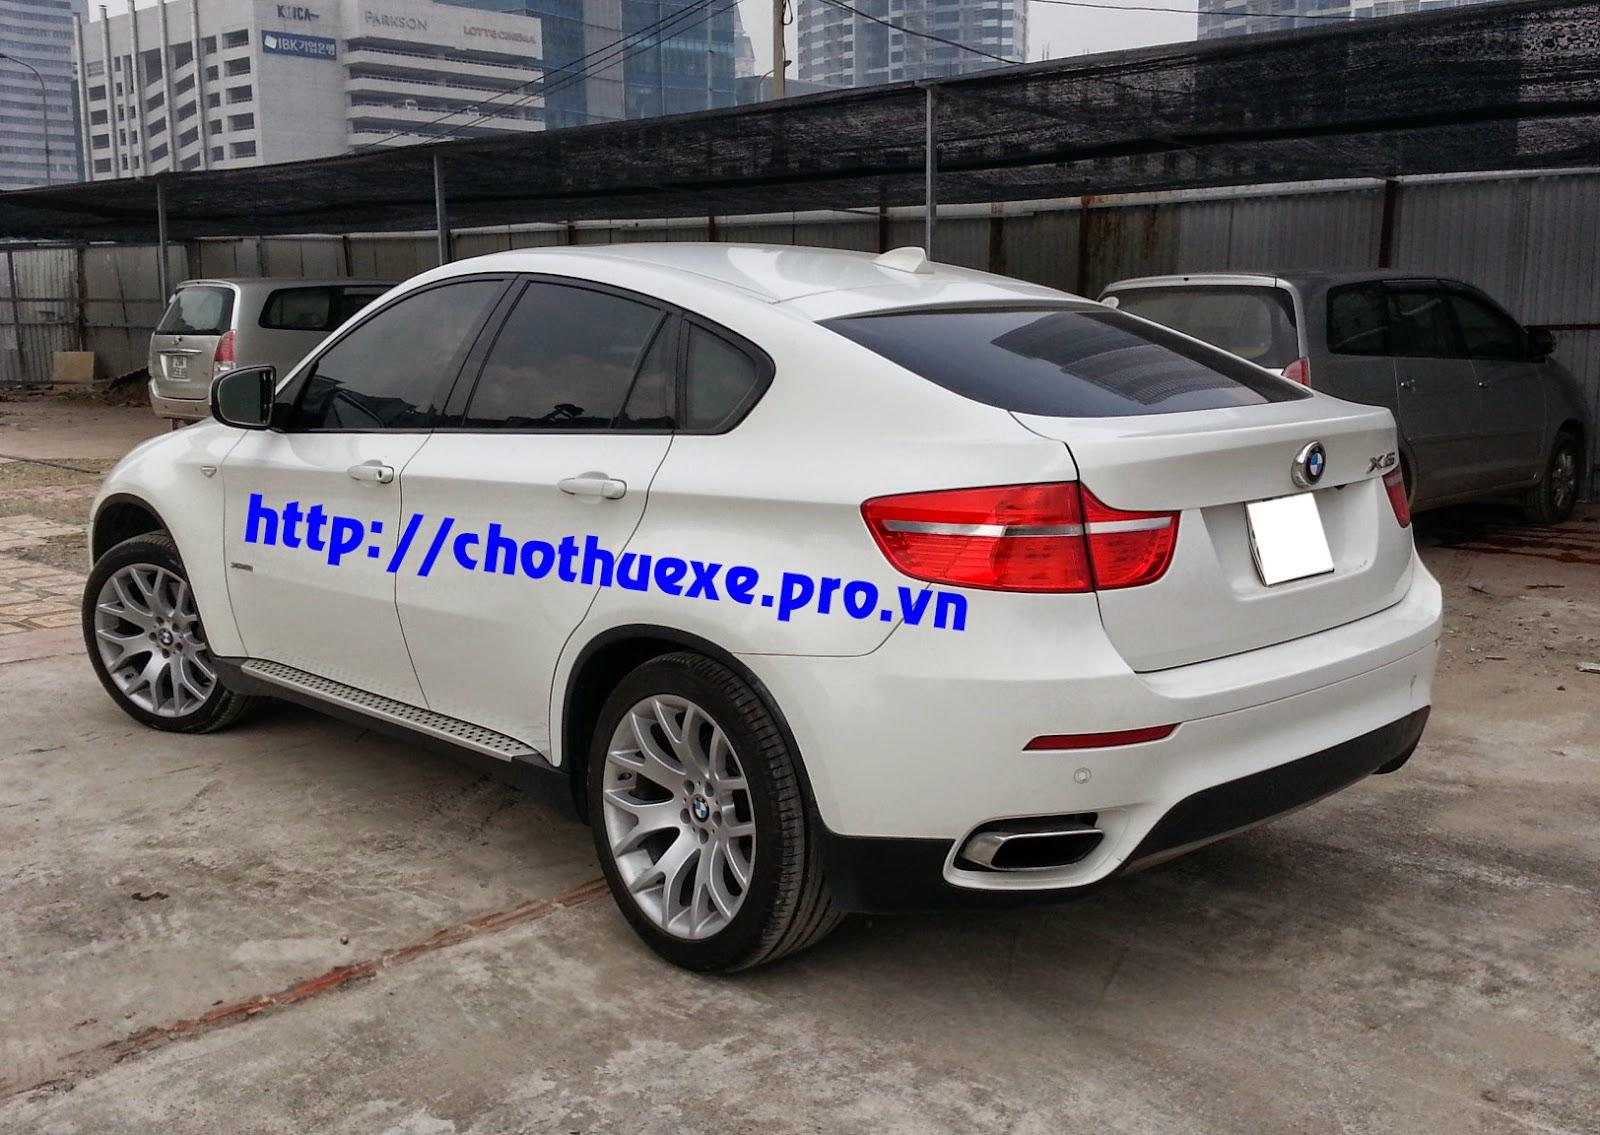 Cần thuê xe BMW X6 giá rẻ chỉ có ở Đức Vinh